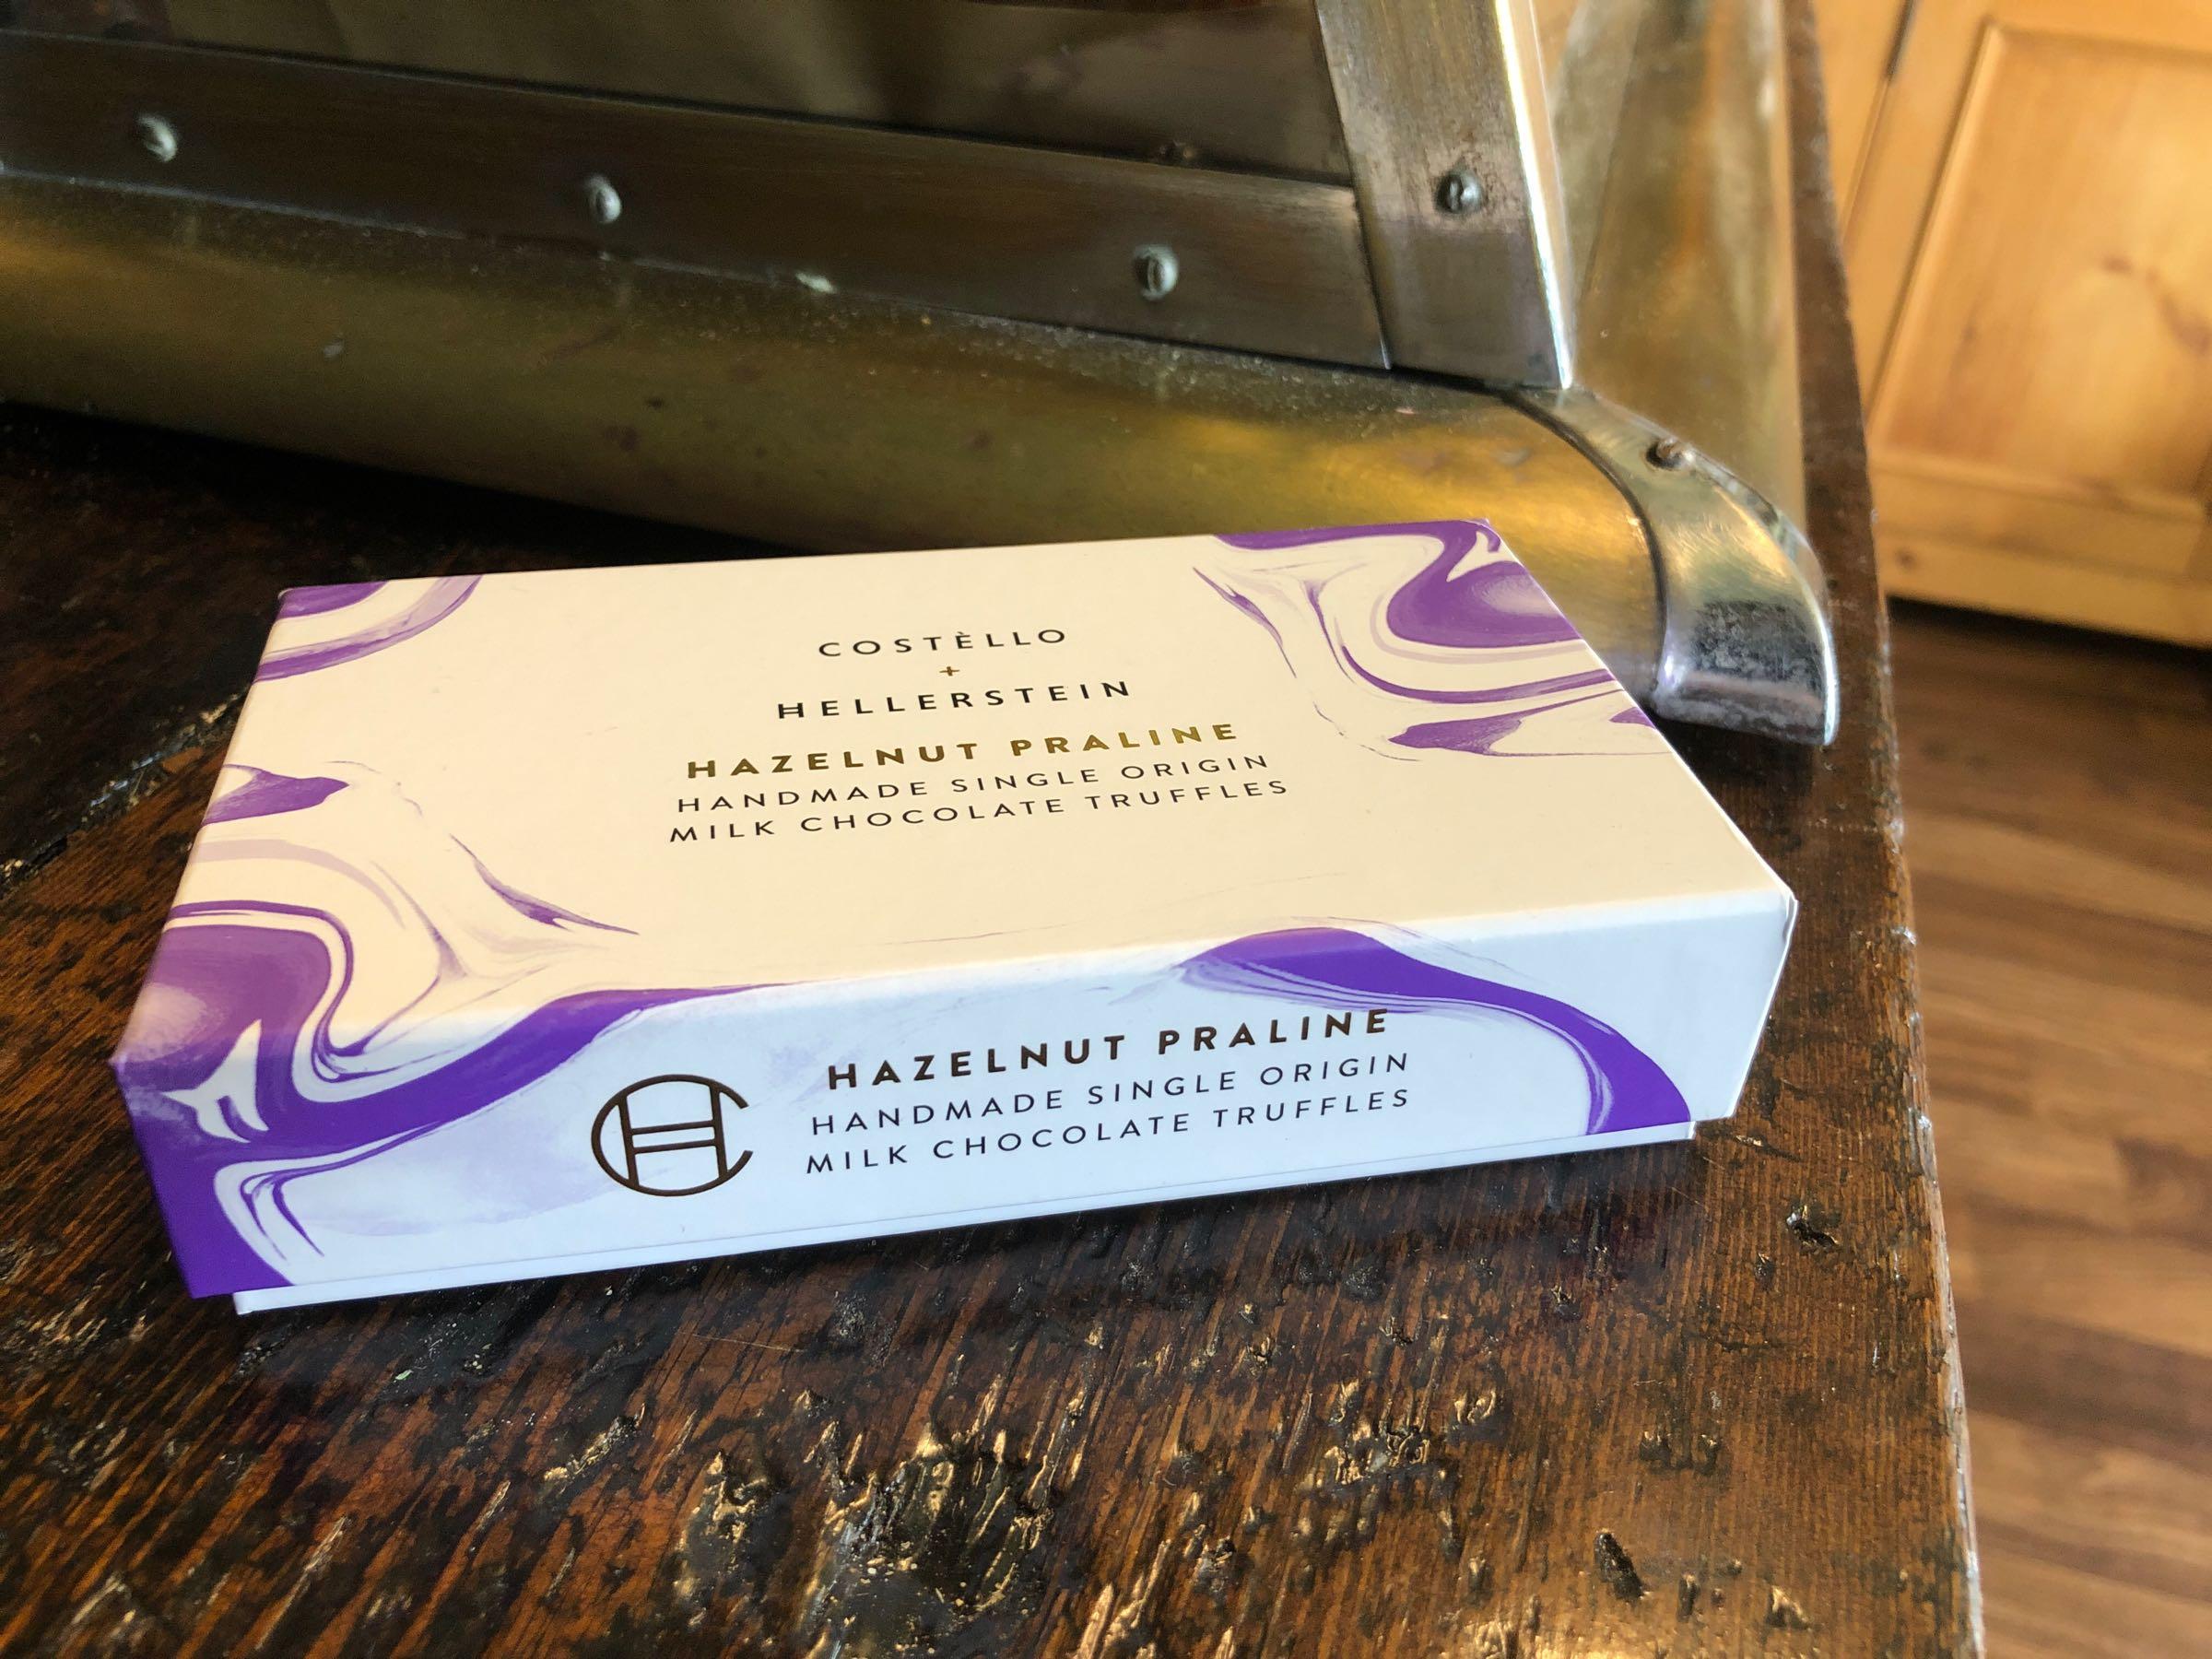 Costello + Hellerstein Hazelnut Praline Chocolate Truffles